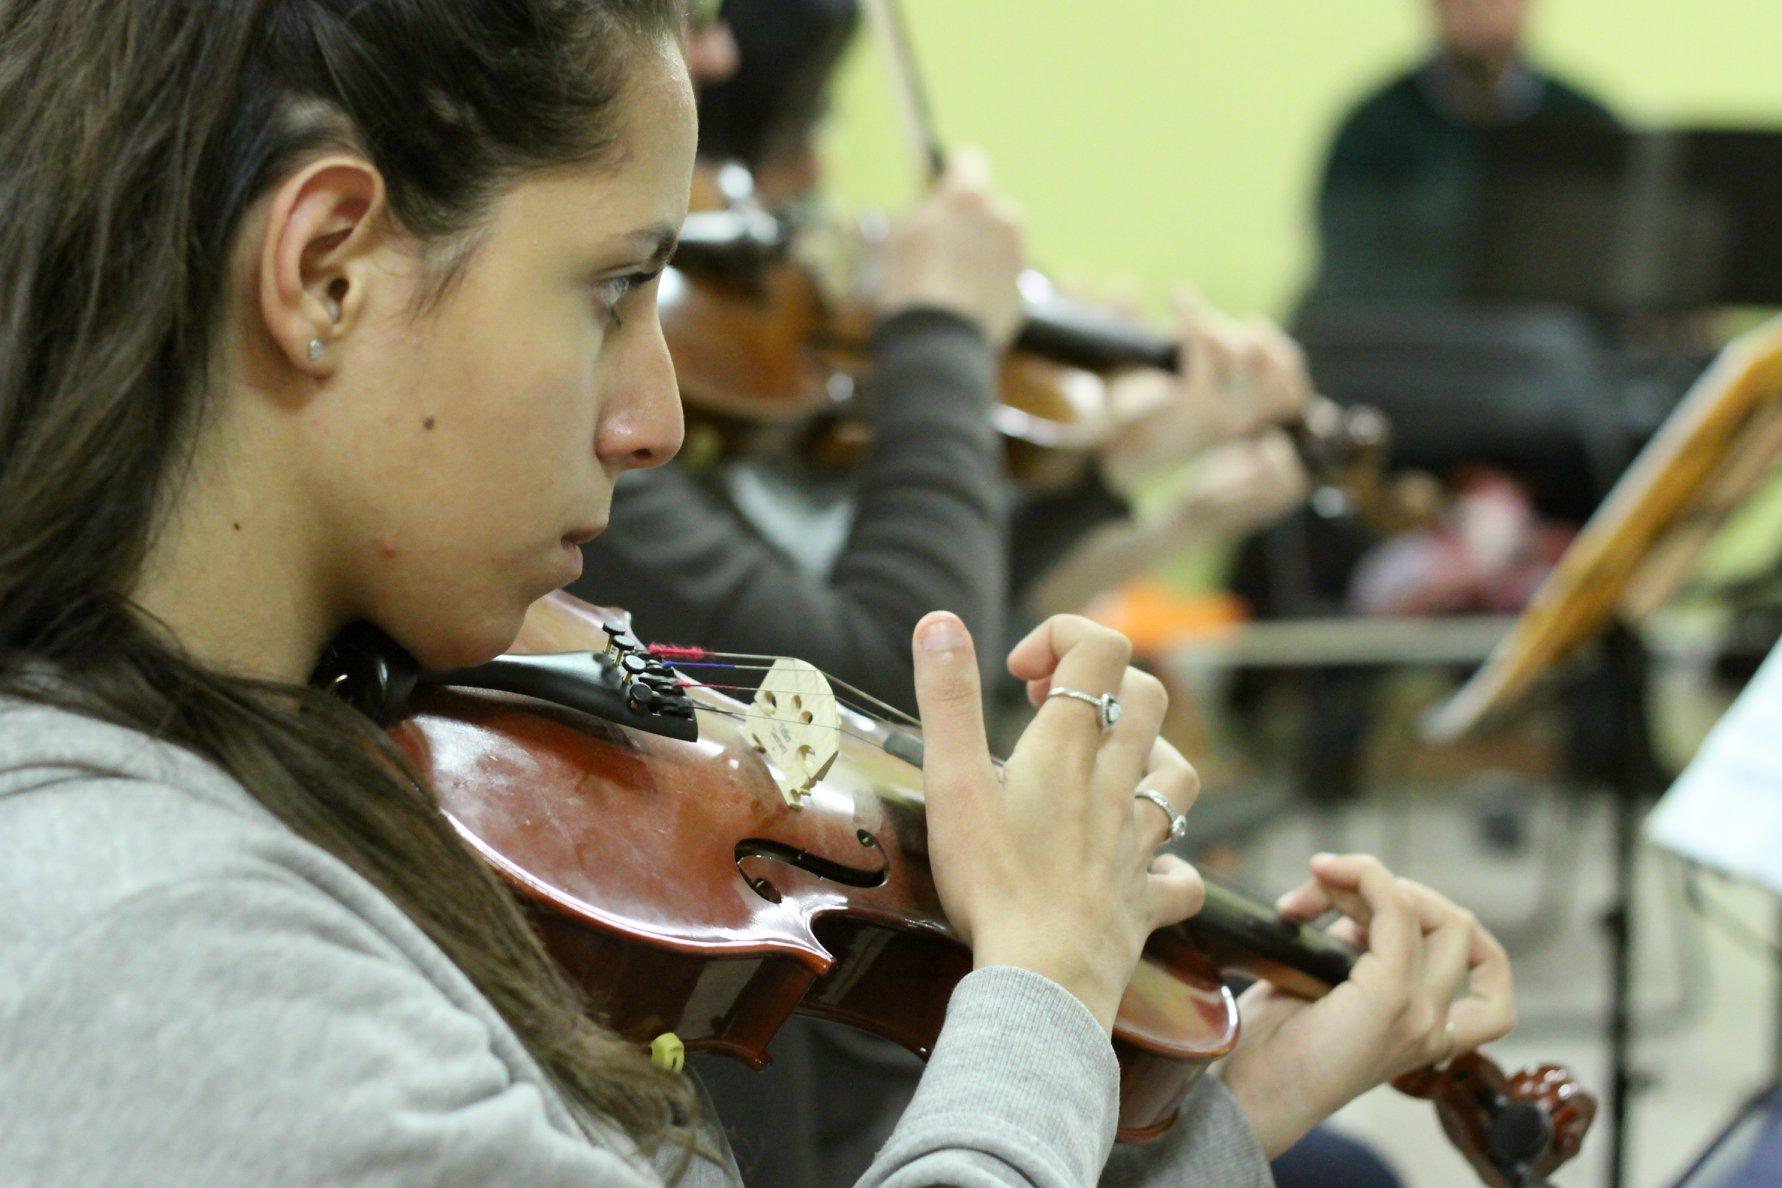 Scuola di Musica Roma   Una violinista dell'orchestra aperta all'Istituto musicale Corelli